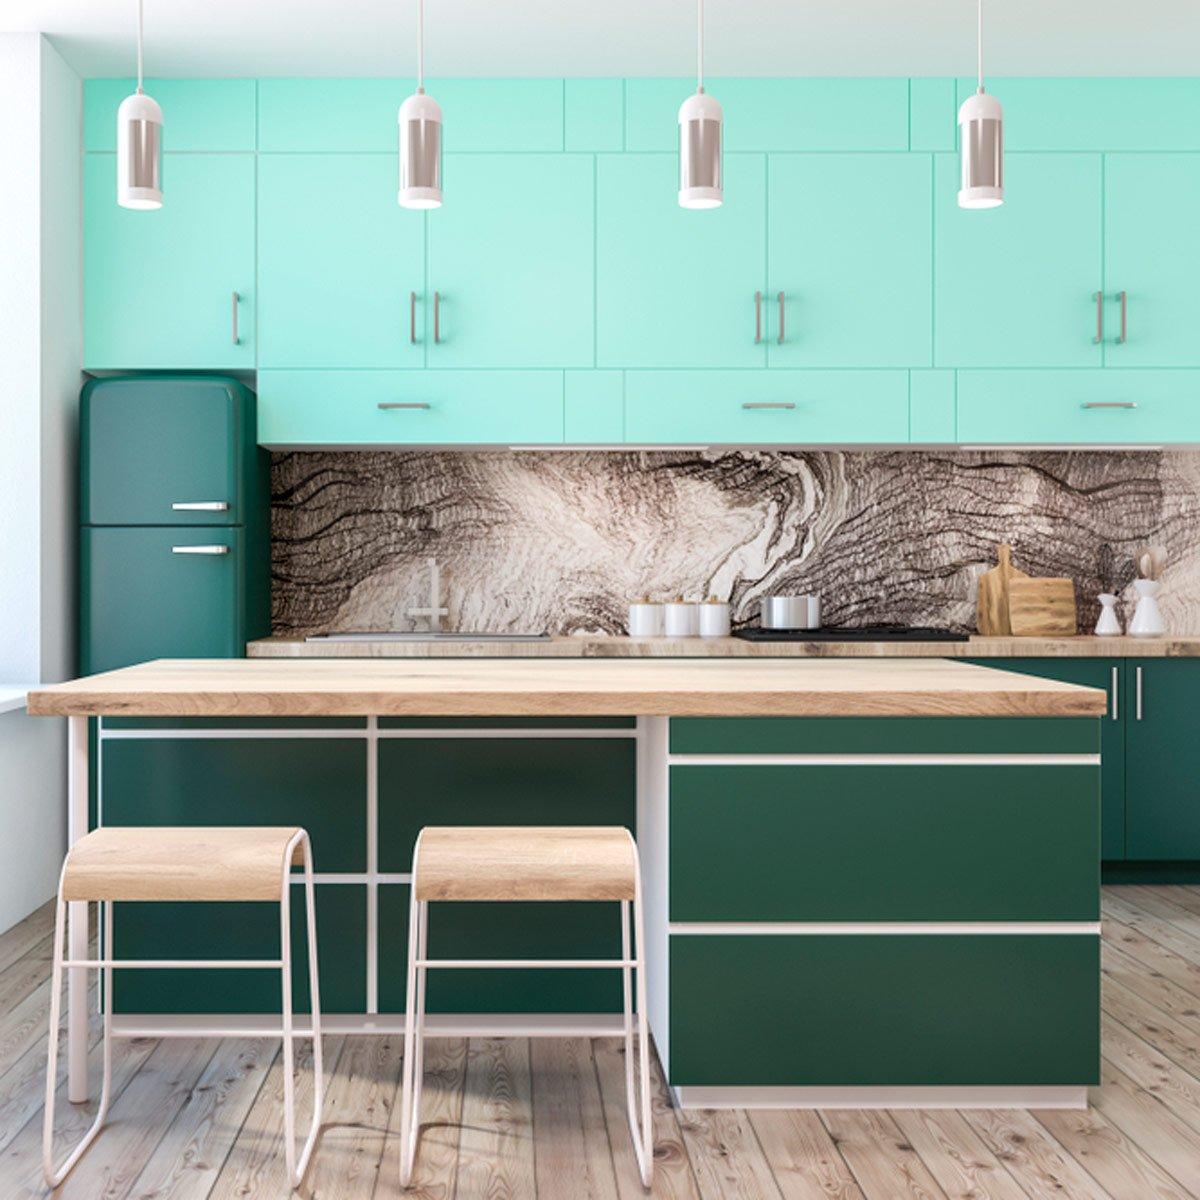 kabinet dapur minimalis gaya perumahan klasik hijau segar